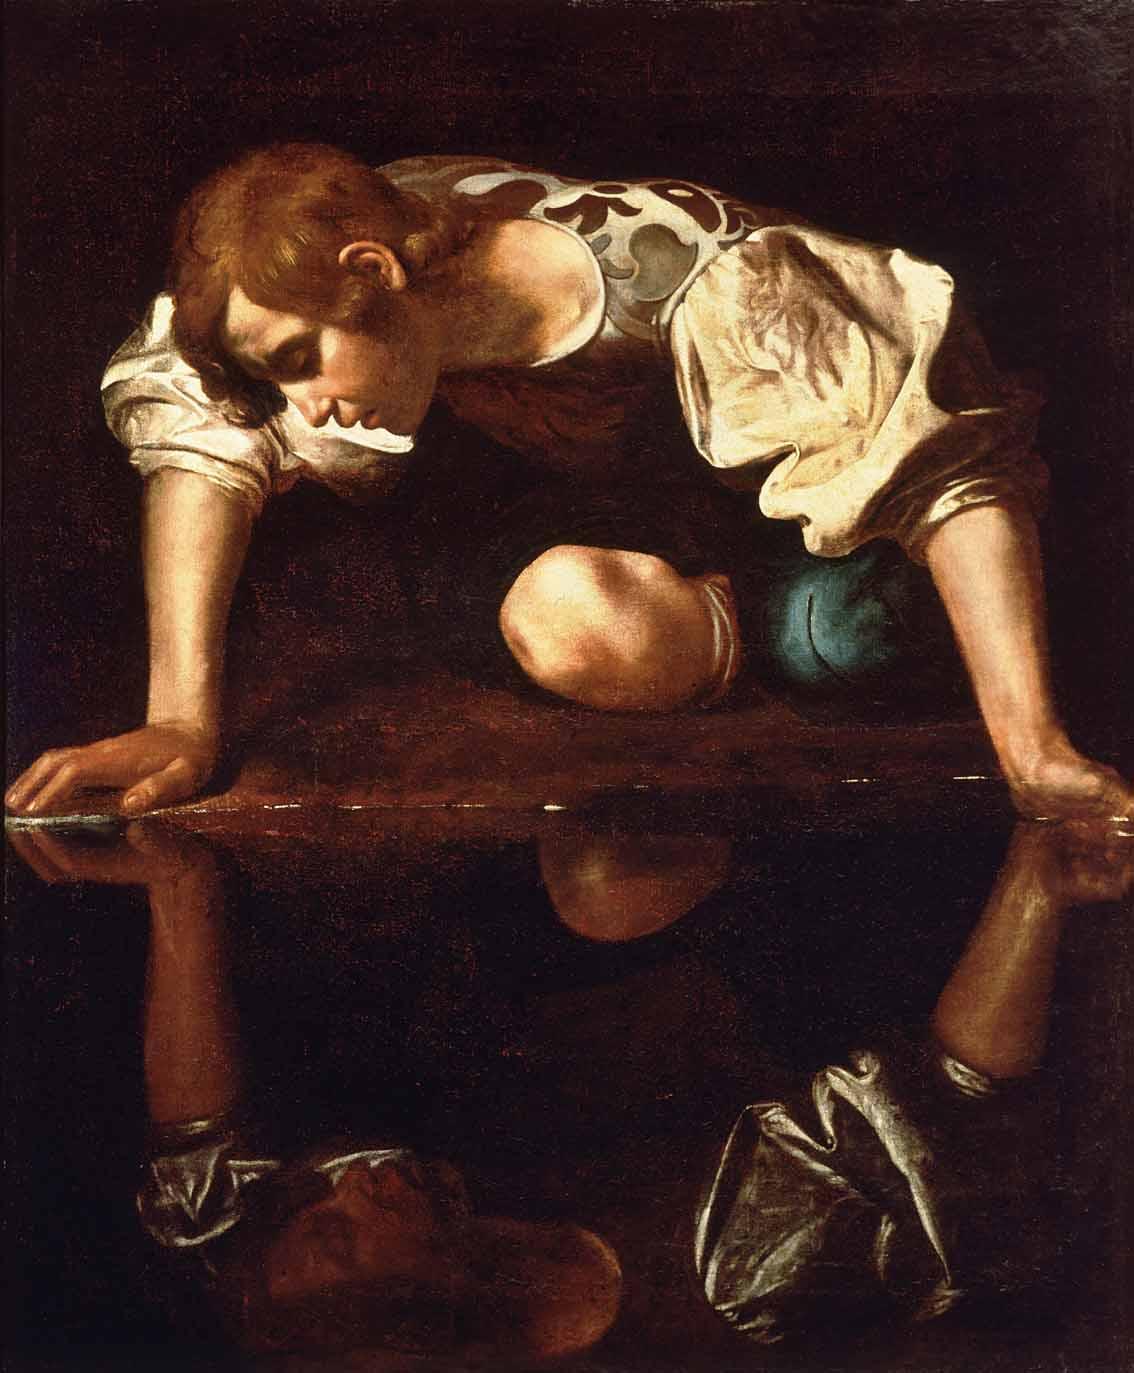 Narciso y sus distintas lecturas iconográficas Artes & contextos Narcissus Caravaggio 1594 96